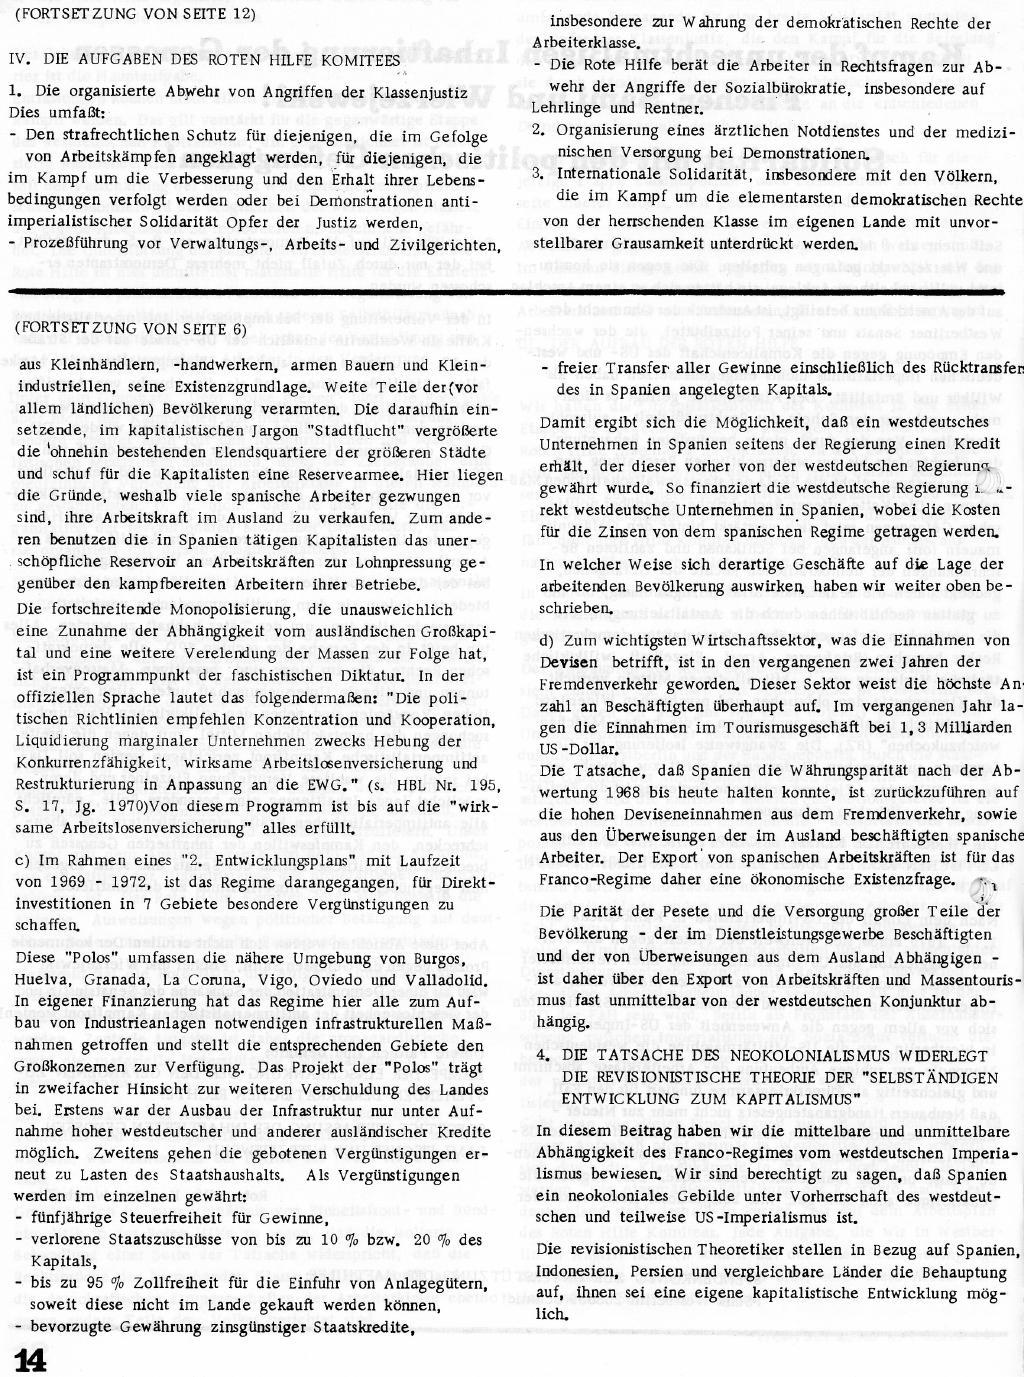 RPK_1971_100_14